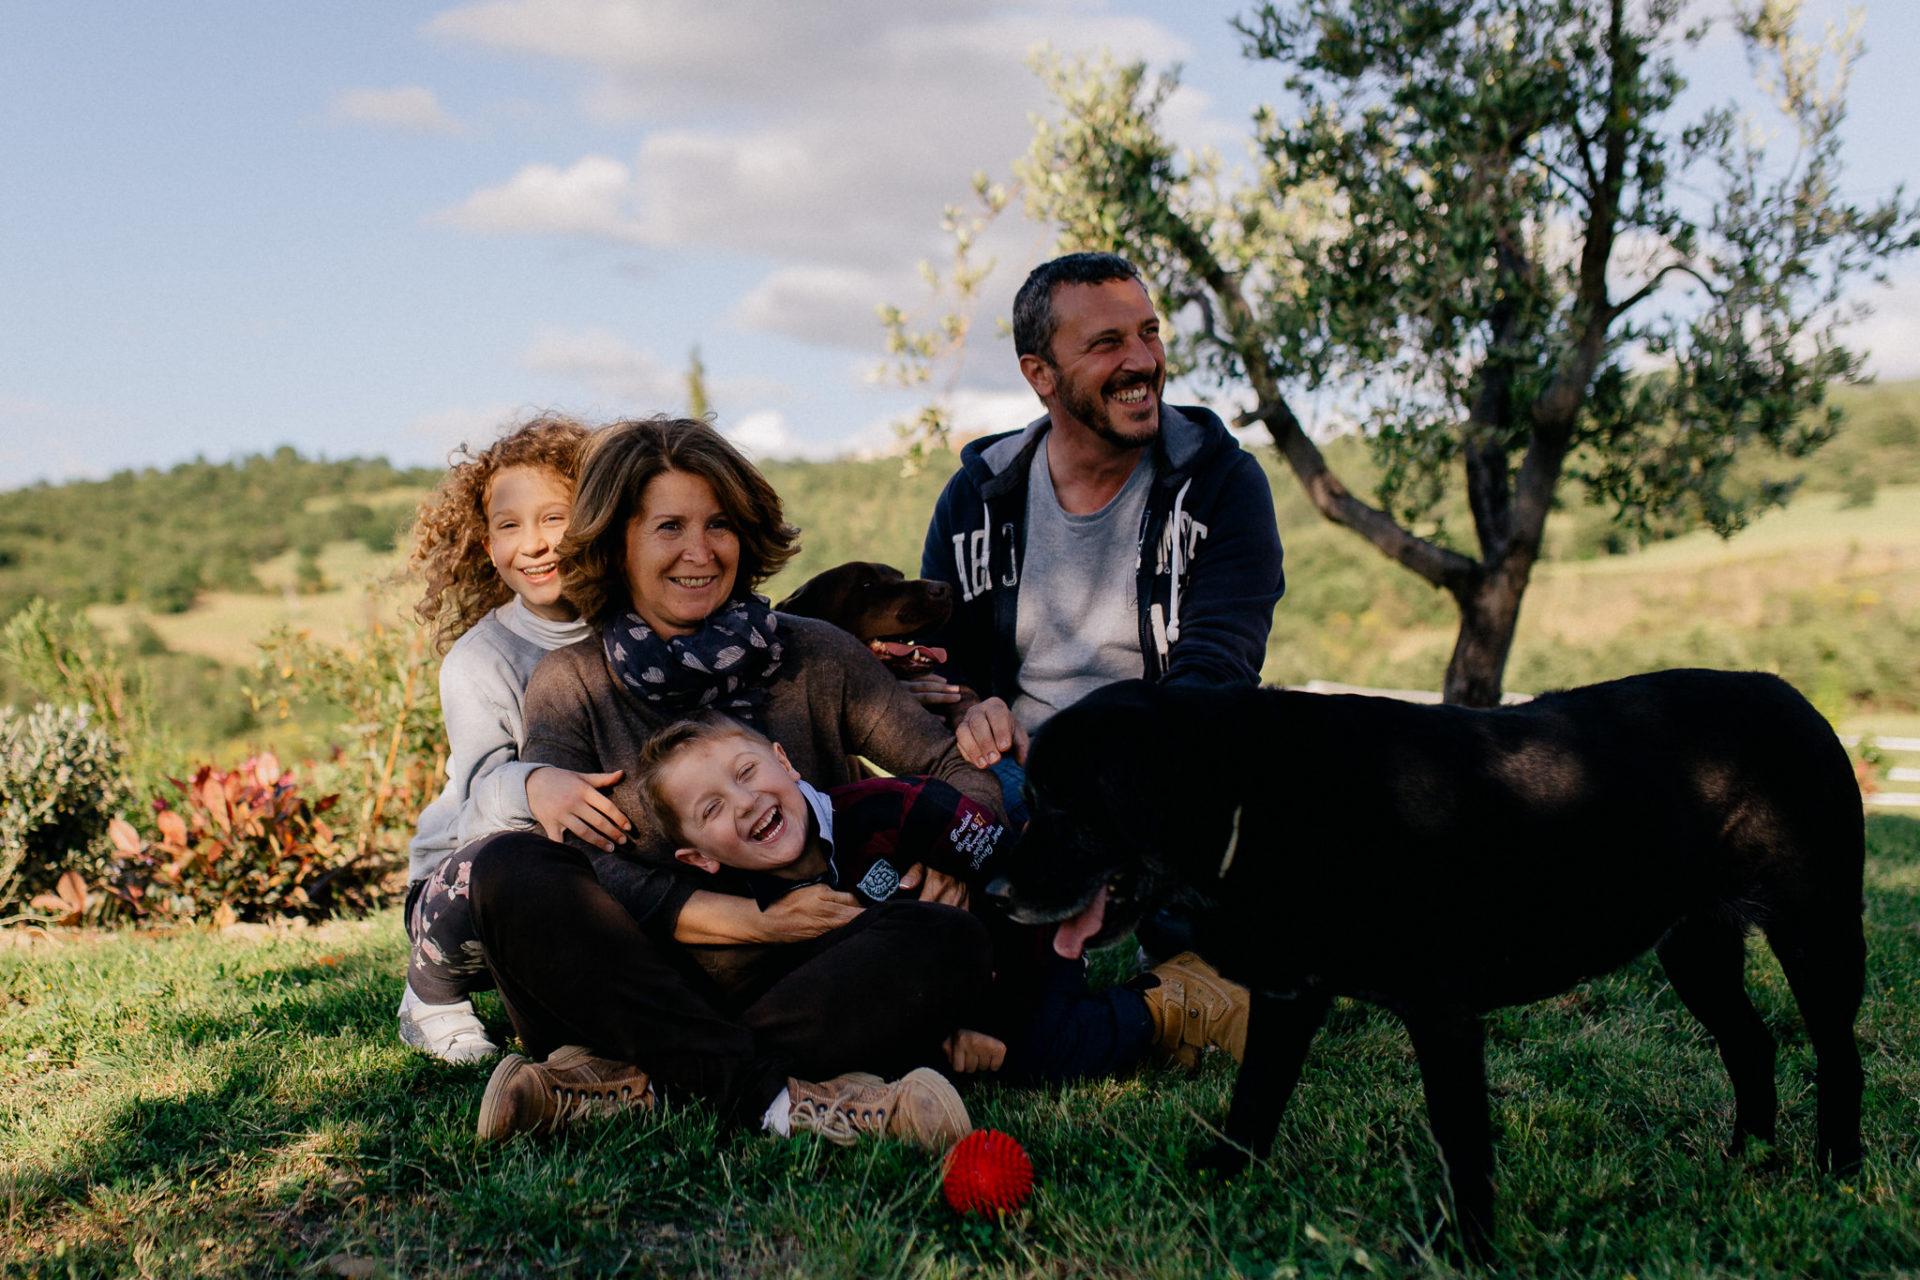 Familienbilder Urlaub-Family Fusion Italien-lebhafte Familie-italienischer Spirit-Dimora Santa Margherita-Ungestellte Familienbilder-familienfotograf Stuttgart-Familie mit Hund-Labrador